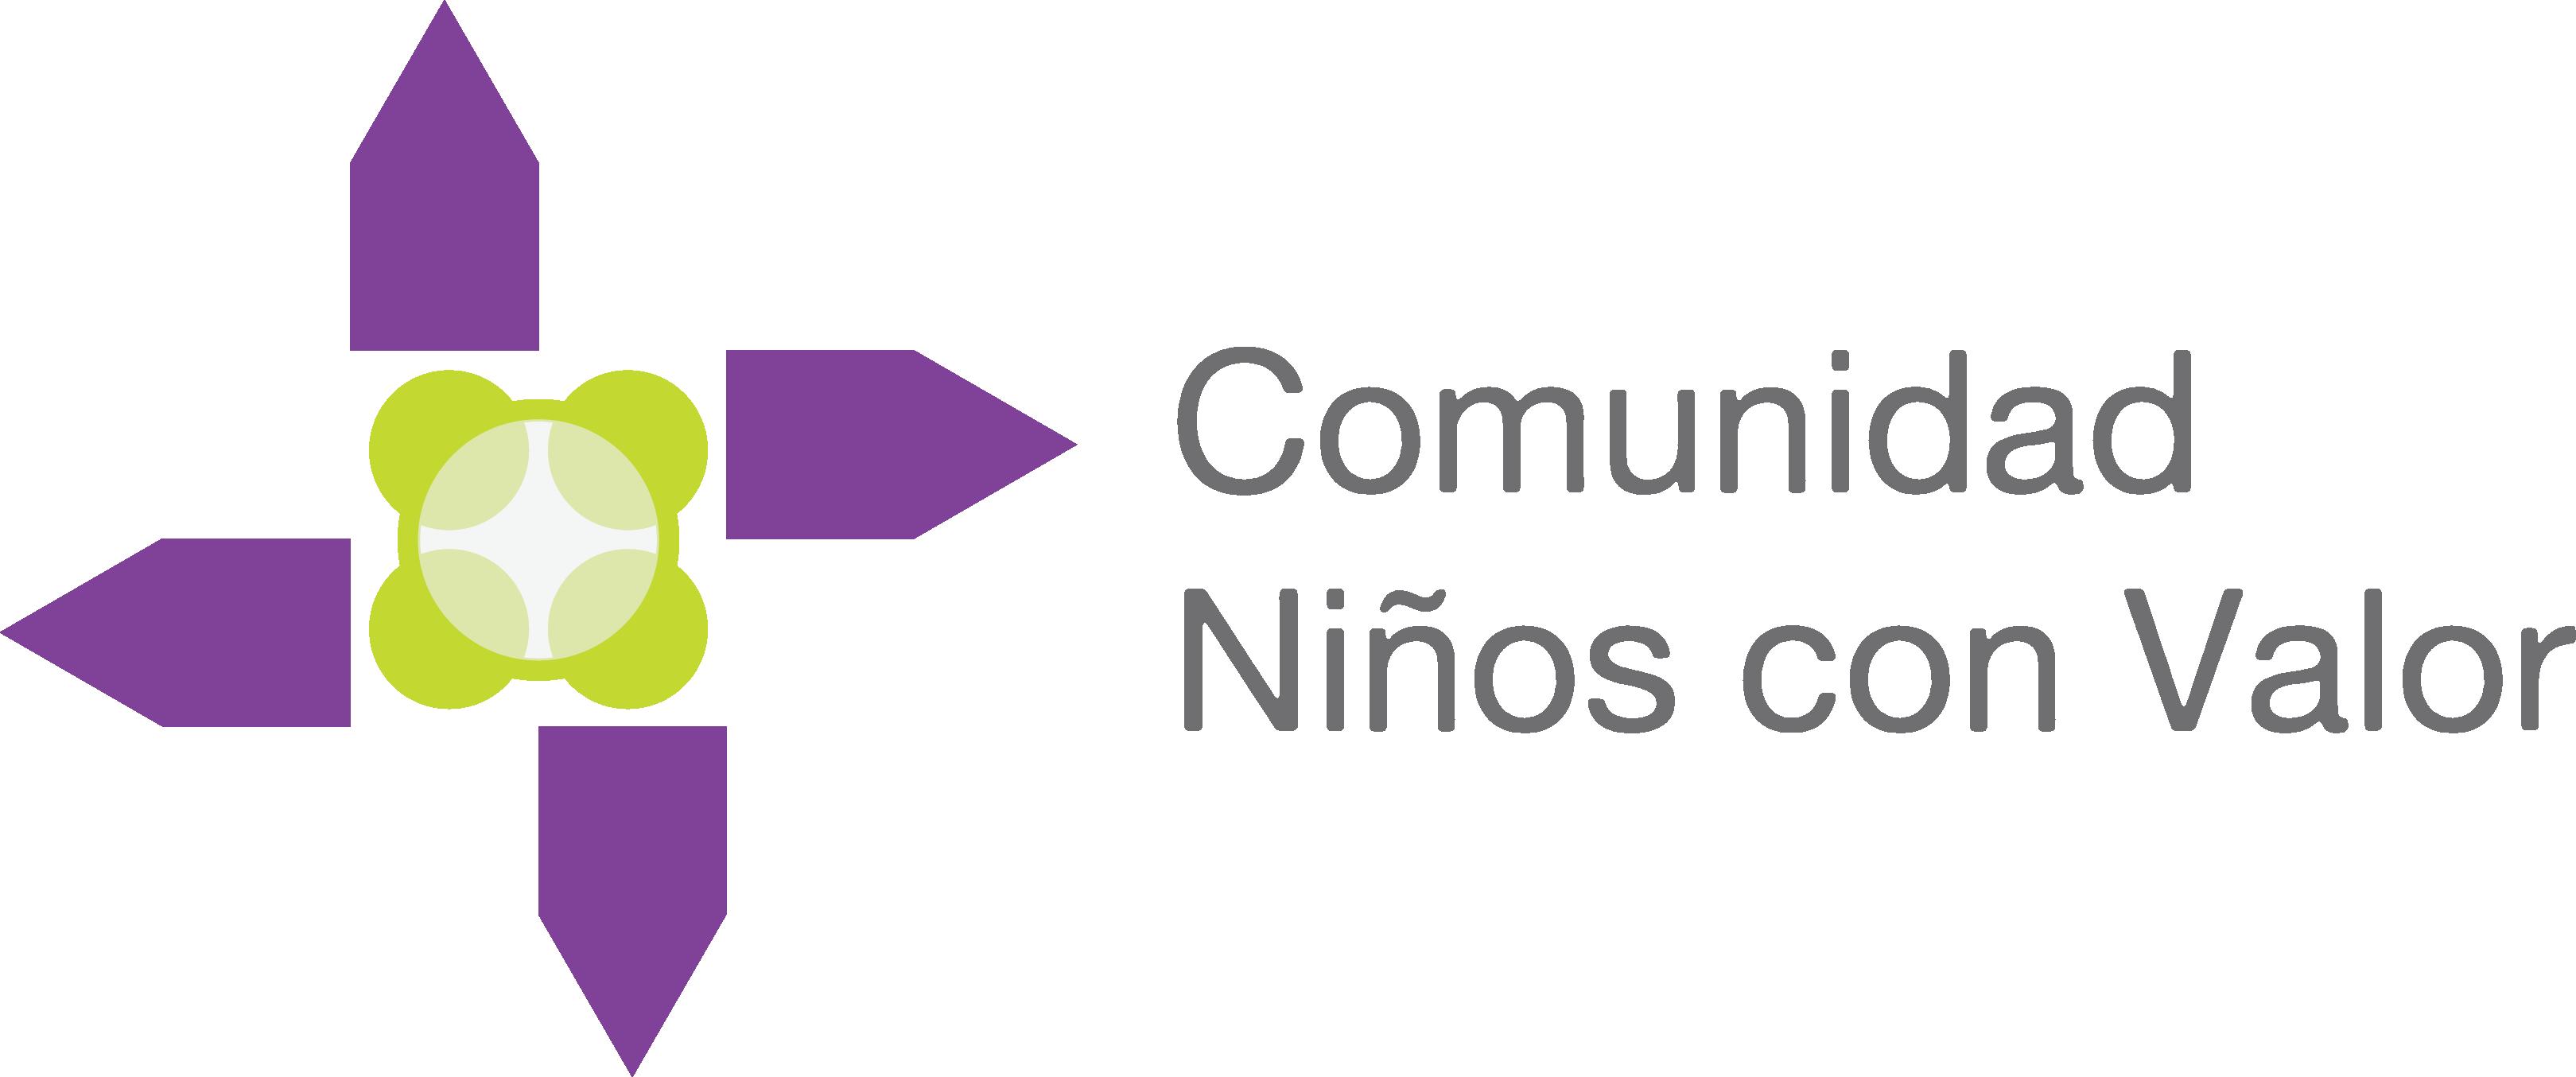 Comunidad Niños con Valor